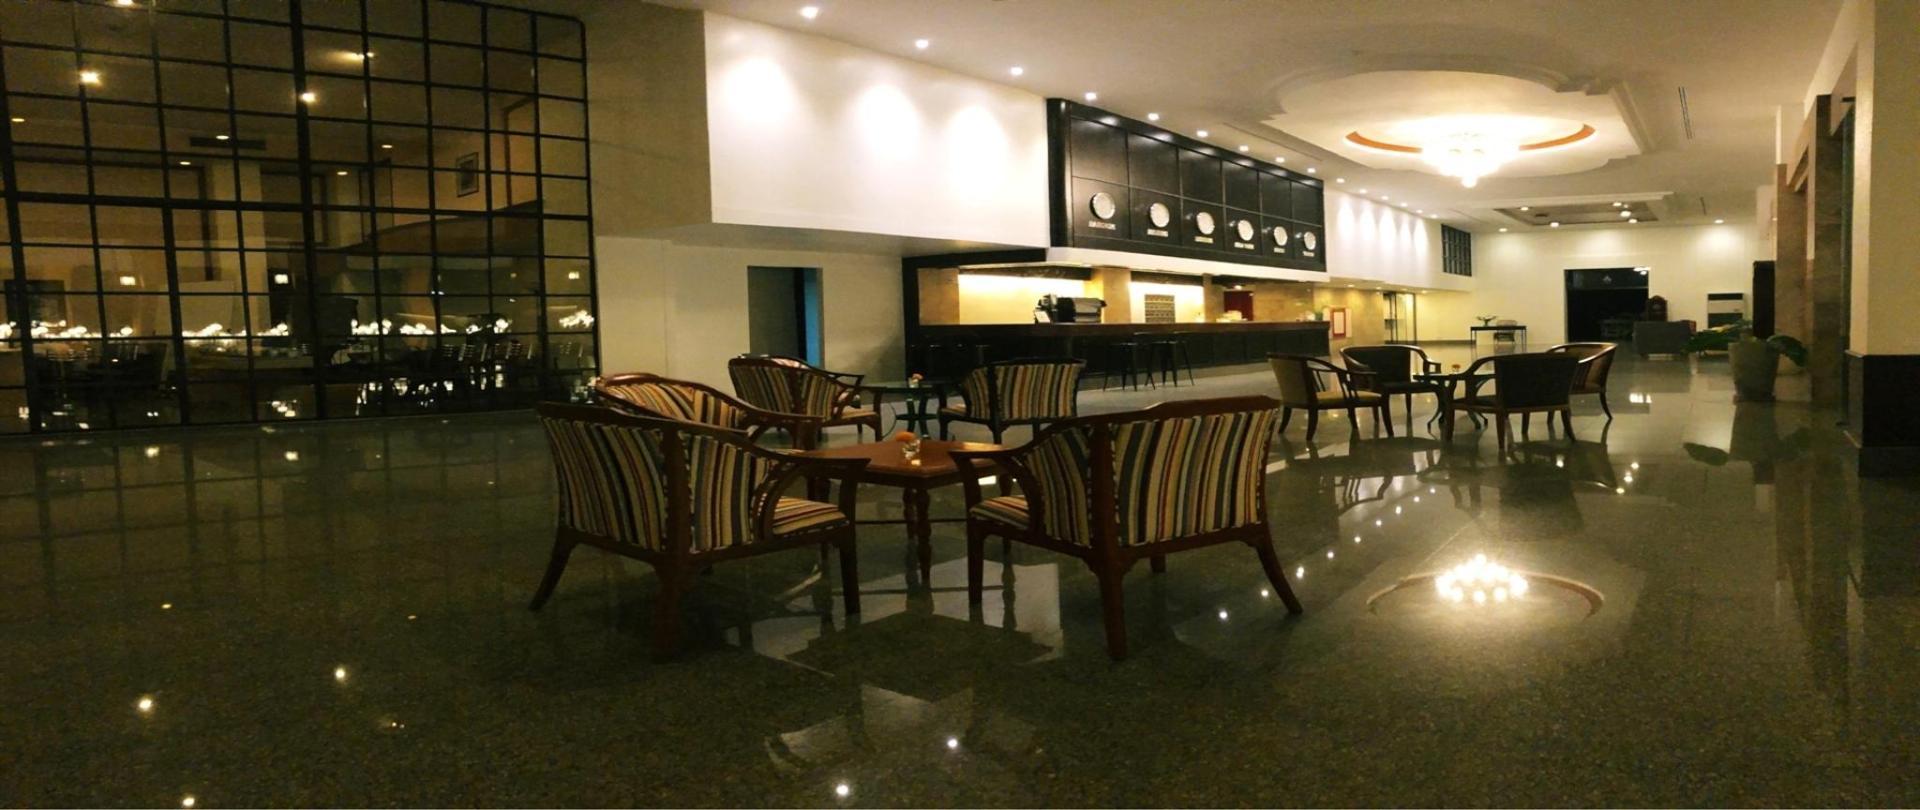 Nakornping Palace Hotel Chiang Mai Thailand